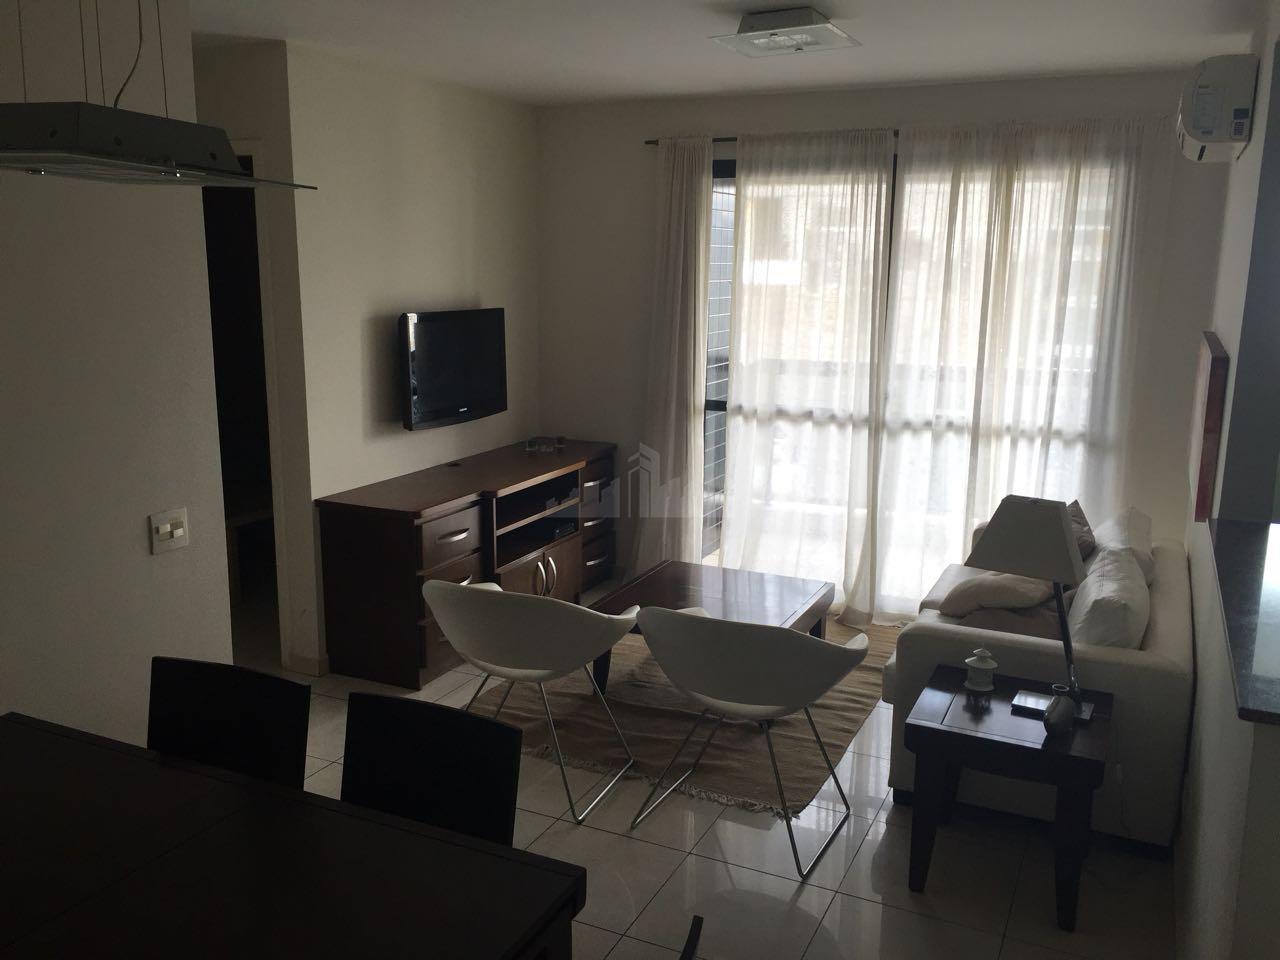 Apartamento com 59m² 2 dormitórios 1 vaga na Vila Nova Conceição